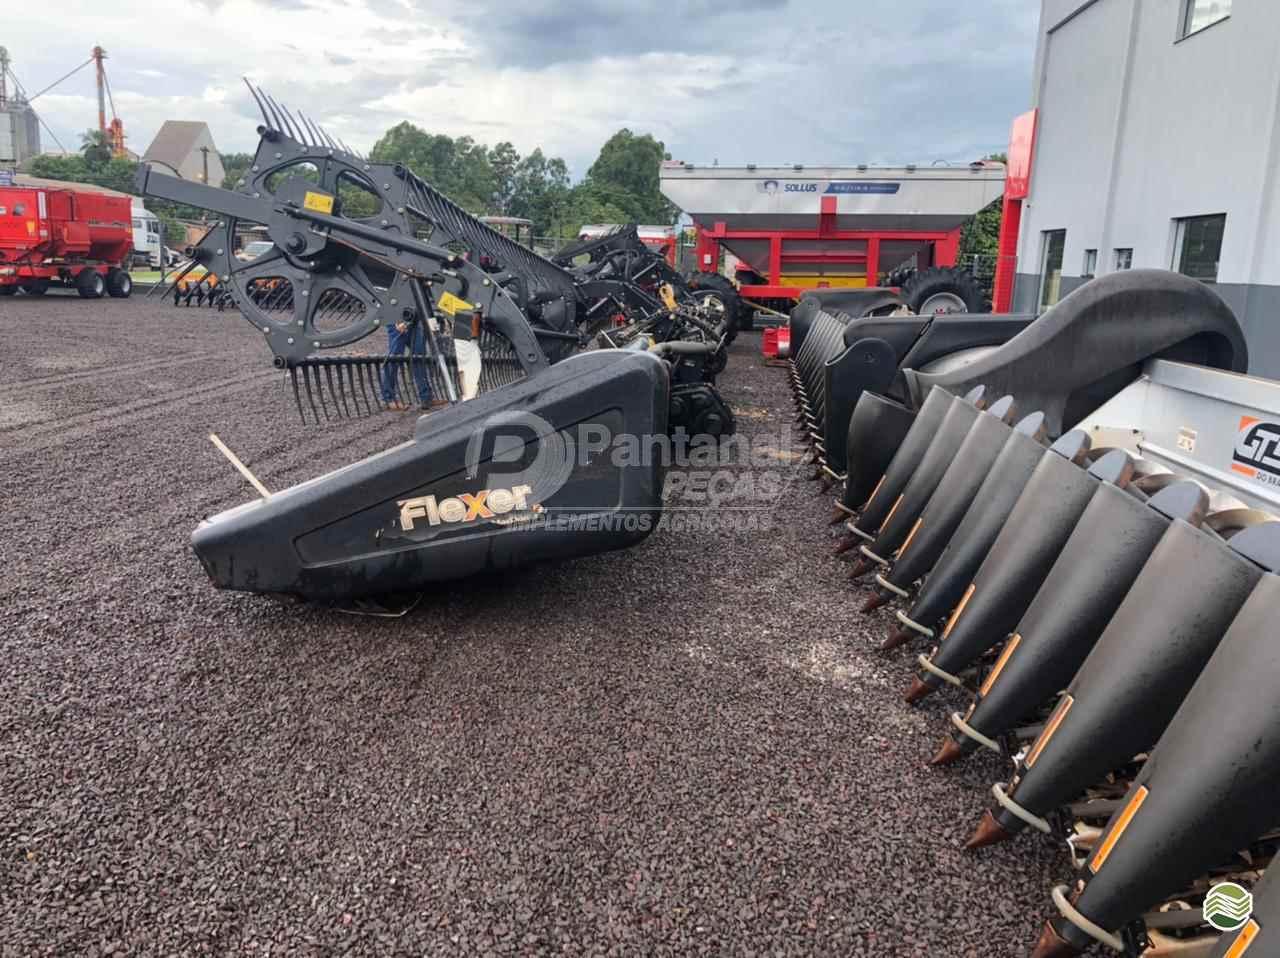 PLATAFORMA COLHEITADEIRA MacDON FD70 Pantanal Peças e Implementos Agrícolas SIDROLANDIA MATO GROSSO DO SUL MS